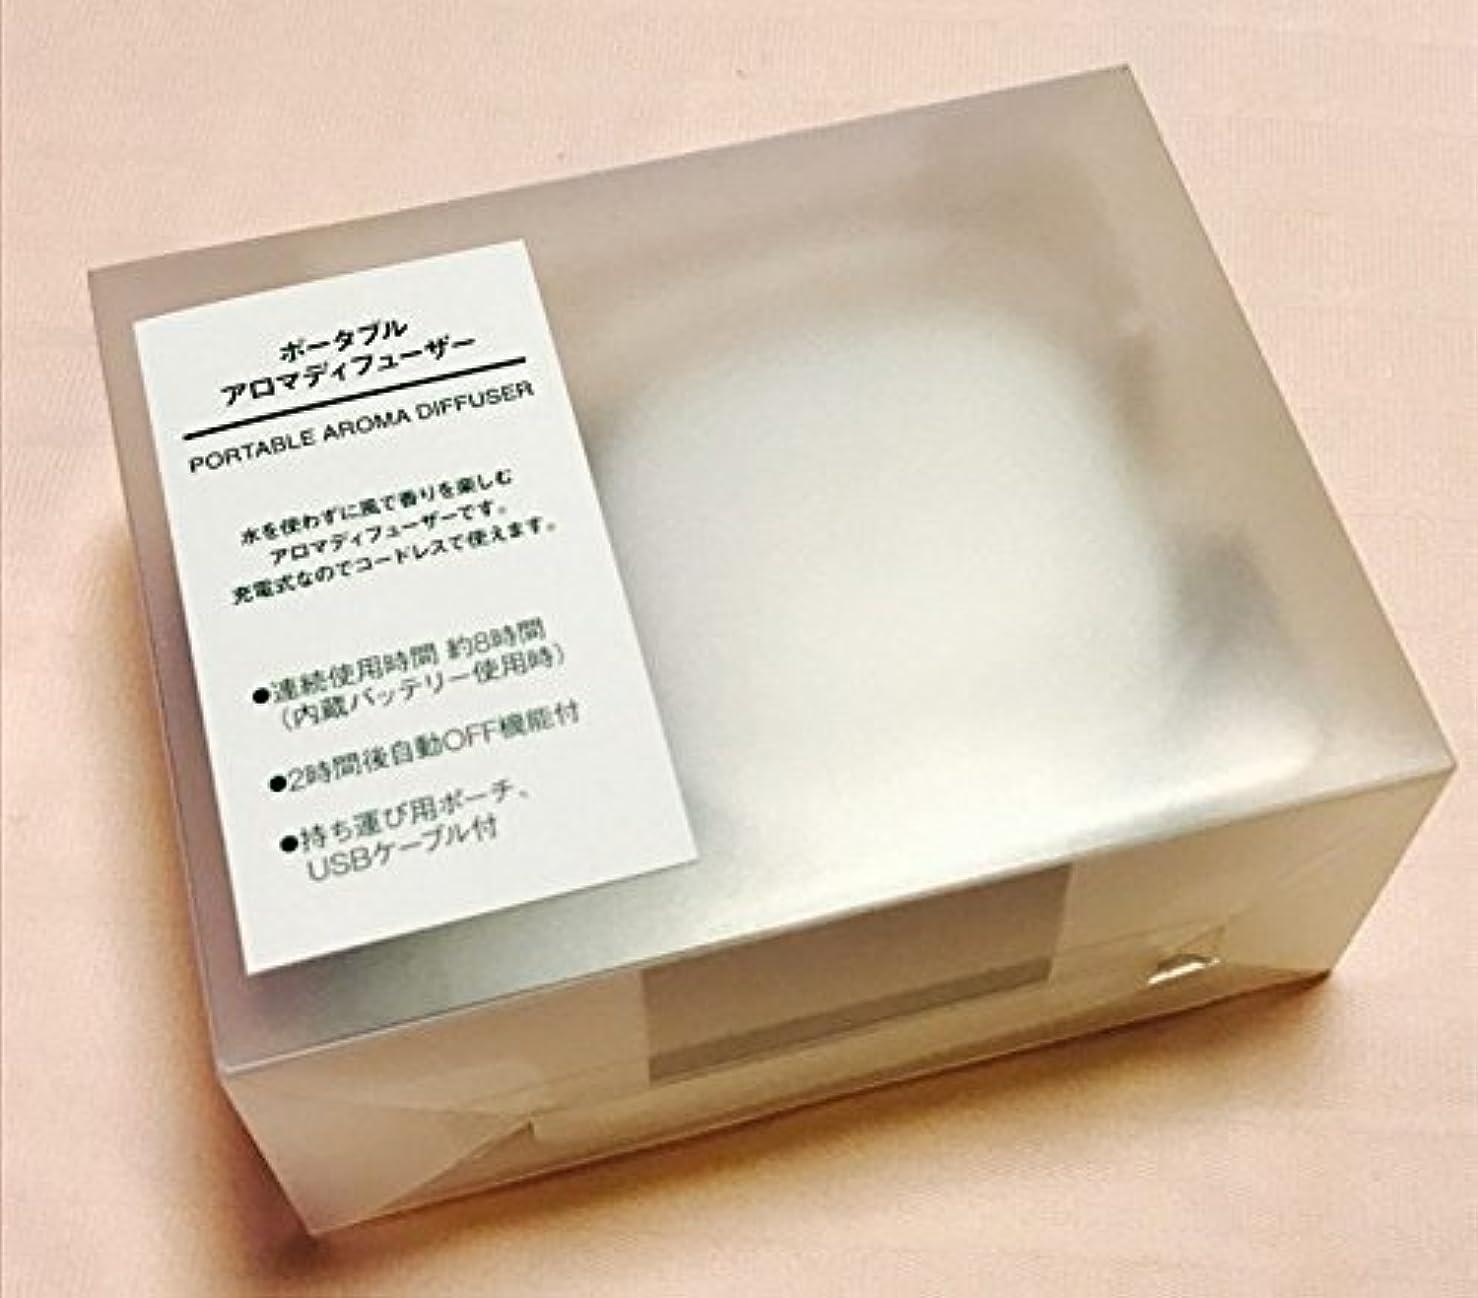 花火評判あたり無印良品 ポータブルアロマディフューザー 型番:MJ‐PAD1